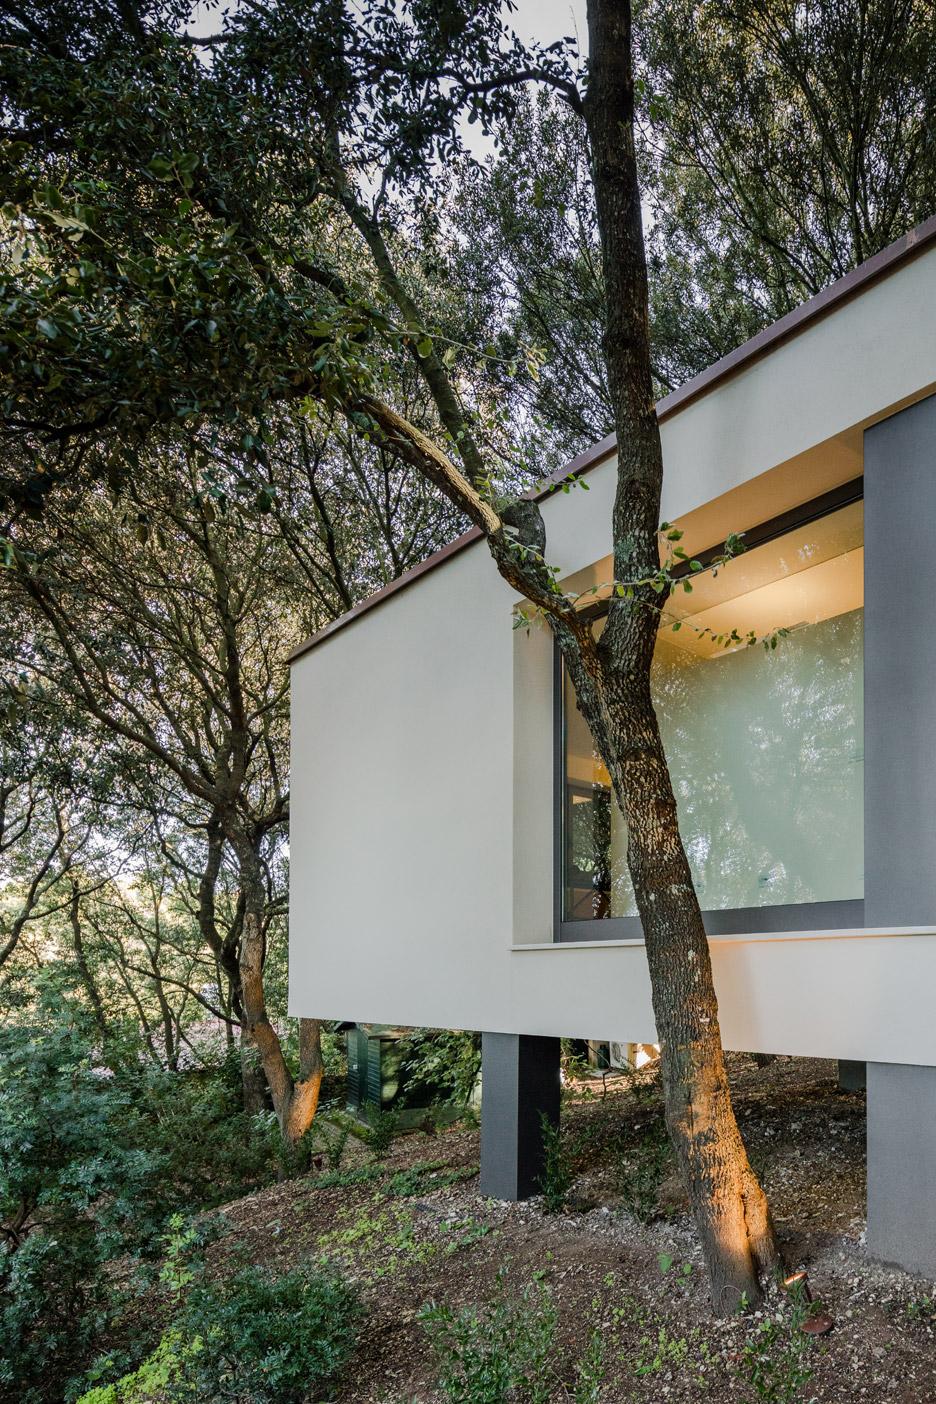 casa-nel-bosco-officina29-architetti-house-in-the-woods-joao-morgado_dezeen_936_2